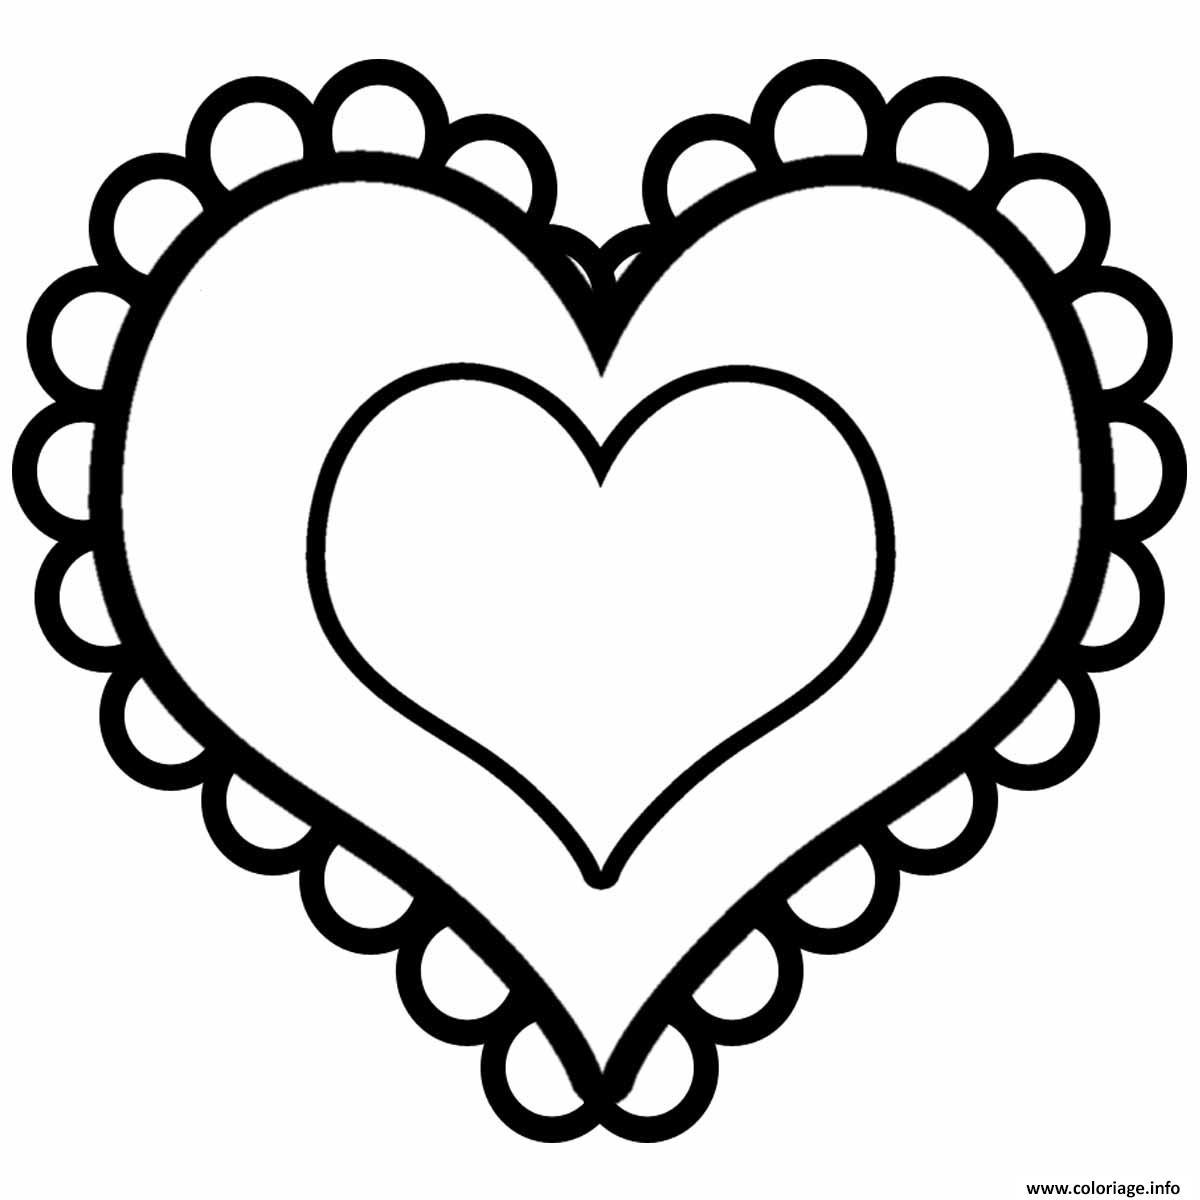 Coloriage coeur saint valentin 15 - JeColorie.com